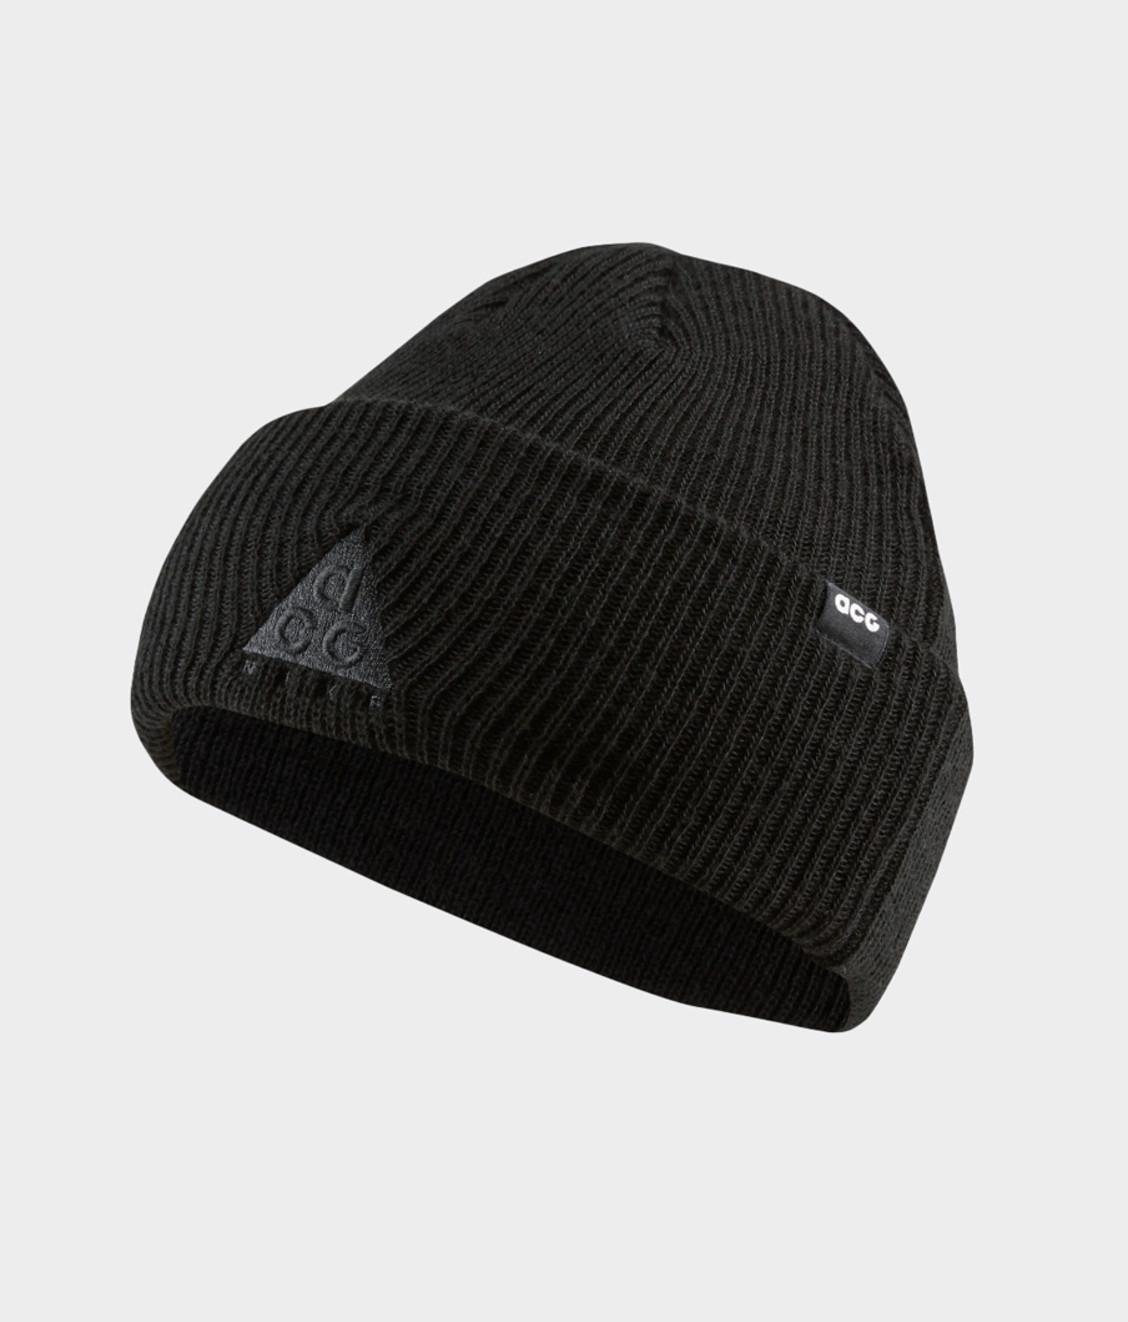 Nike Nike ACG Beanie Black